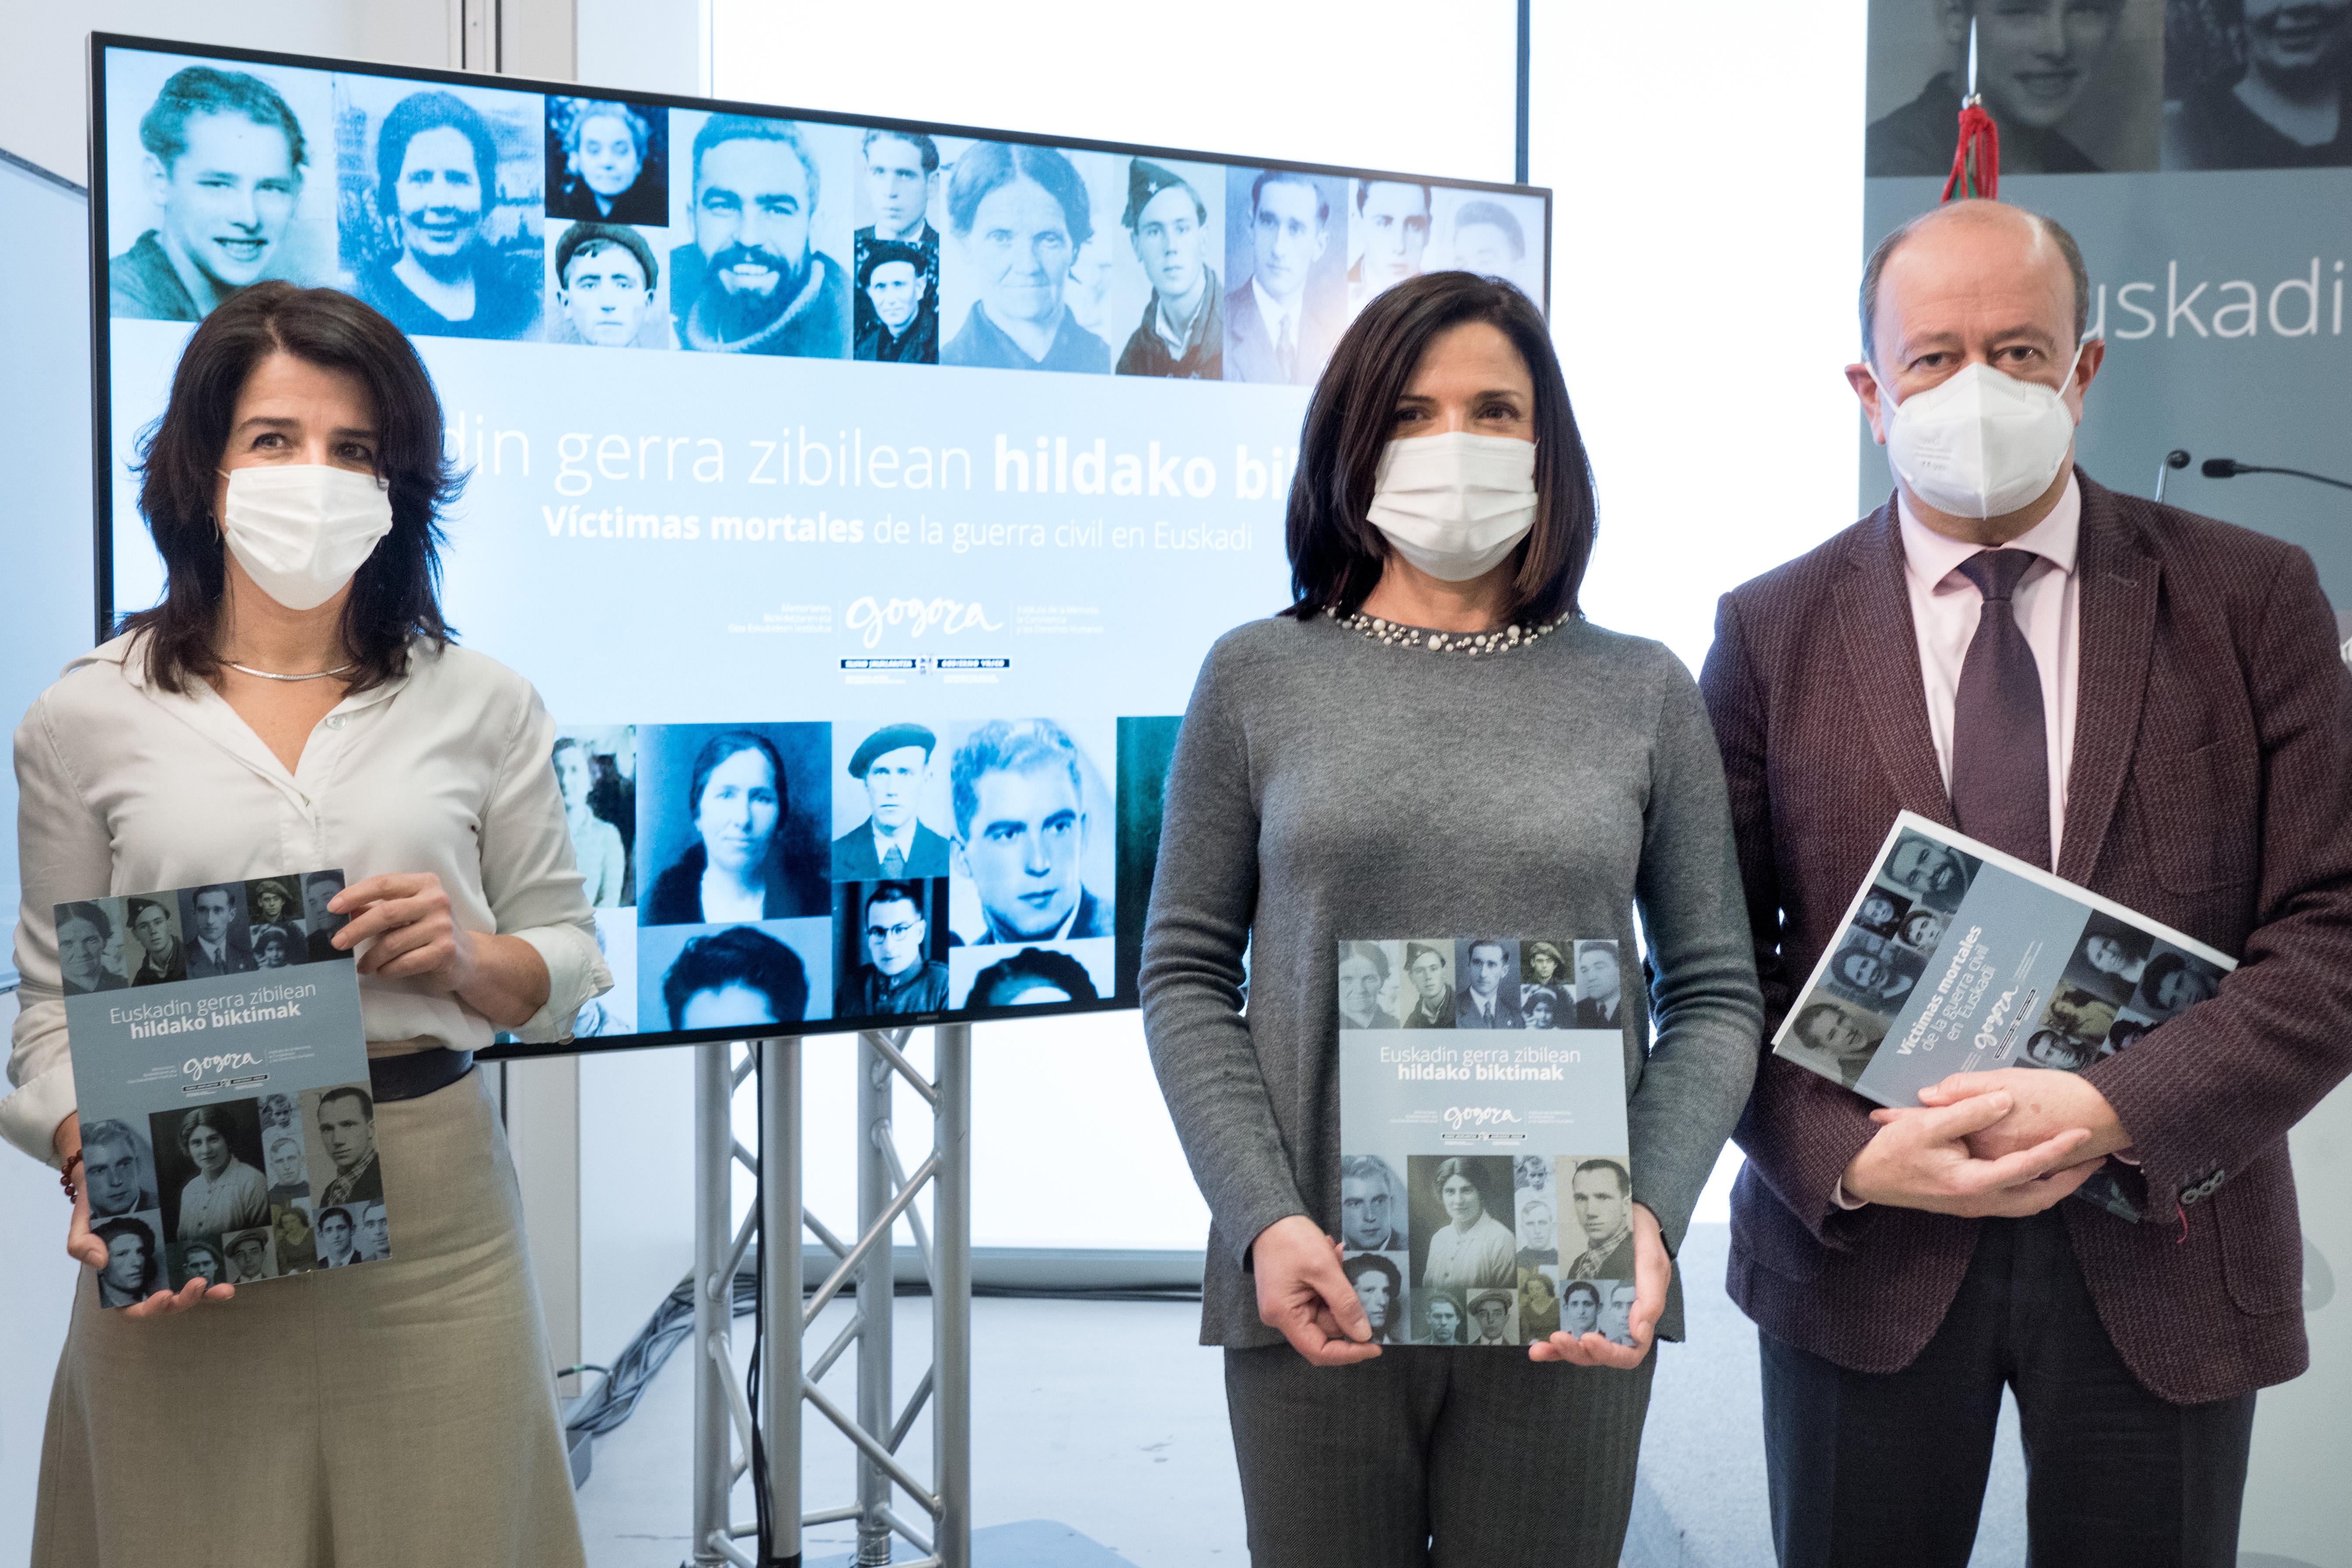 Beatriz Artolazabal ha presentado la versión web de la base de datos de víctimas mortales de la Guerra Civil en Euskadi [23:34]